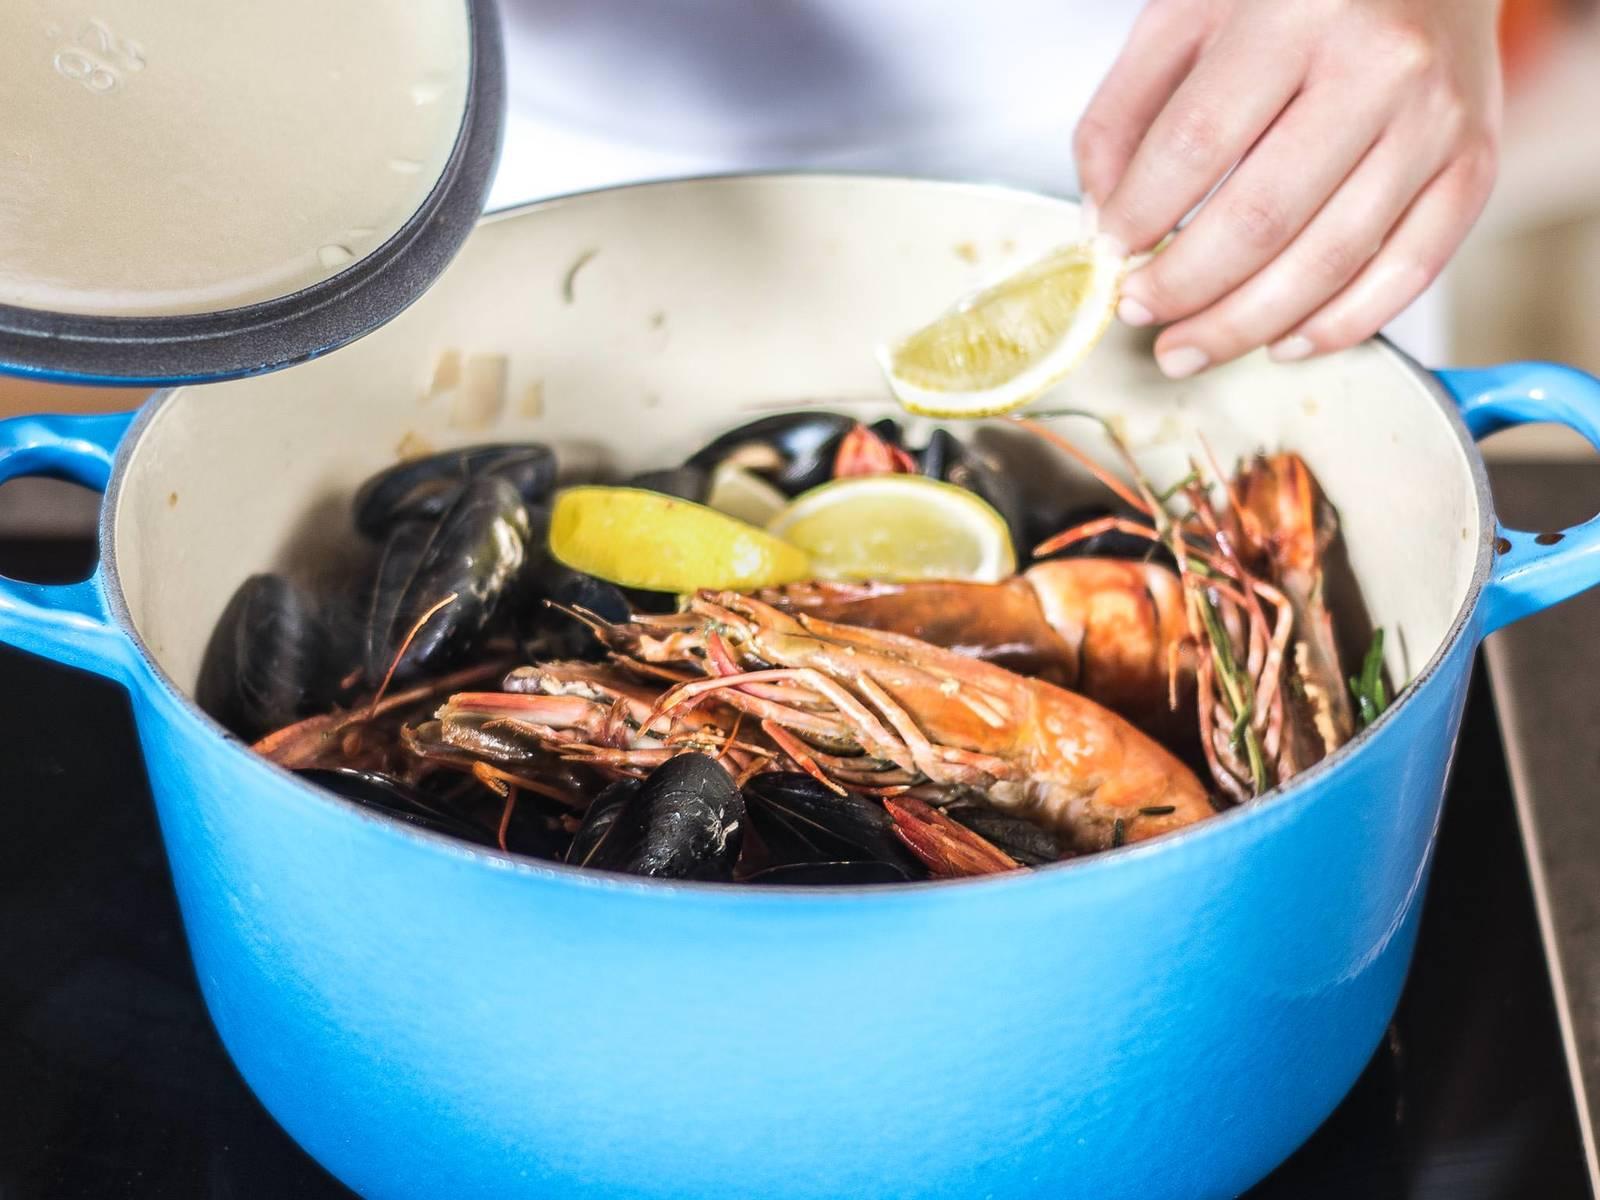 这期间将欧芹切碎,柠檬切成四半。待贻贝开口后,加入欧芹与炒好的大虾,搅拌后,放入柠檬即可。佐以锅中汤汁享用。